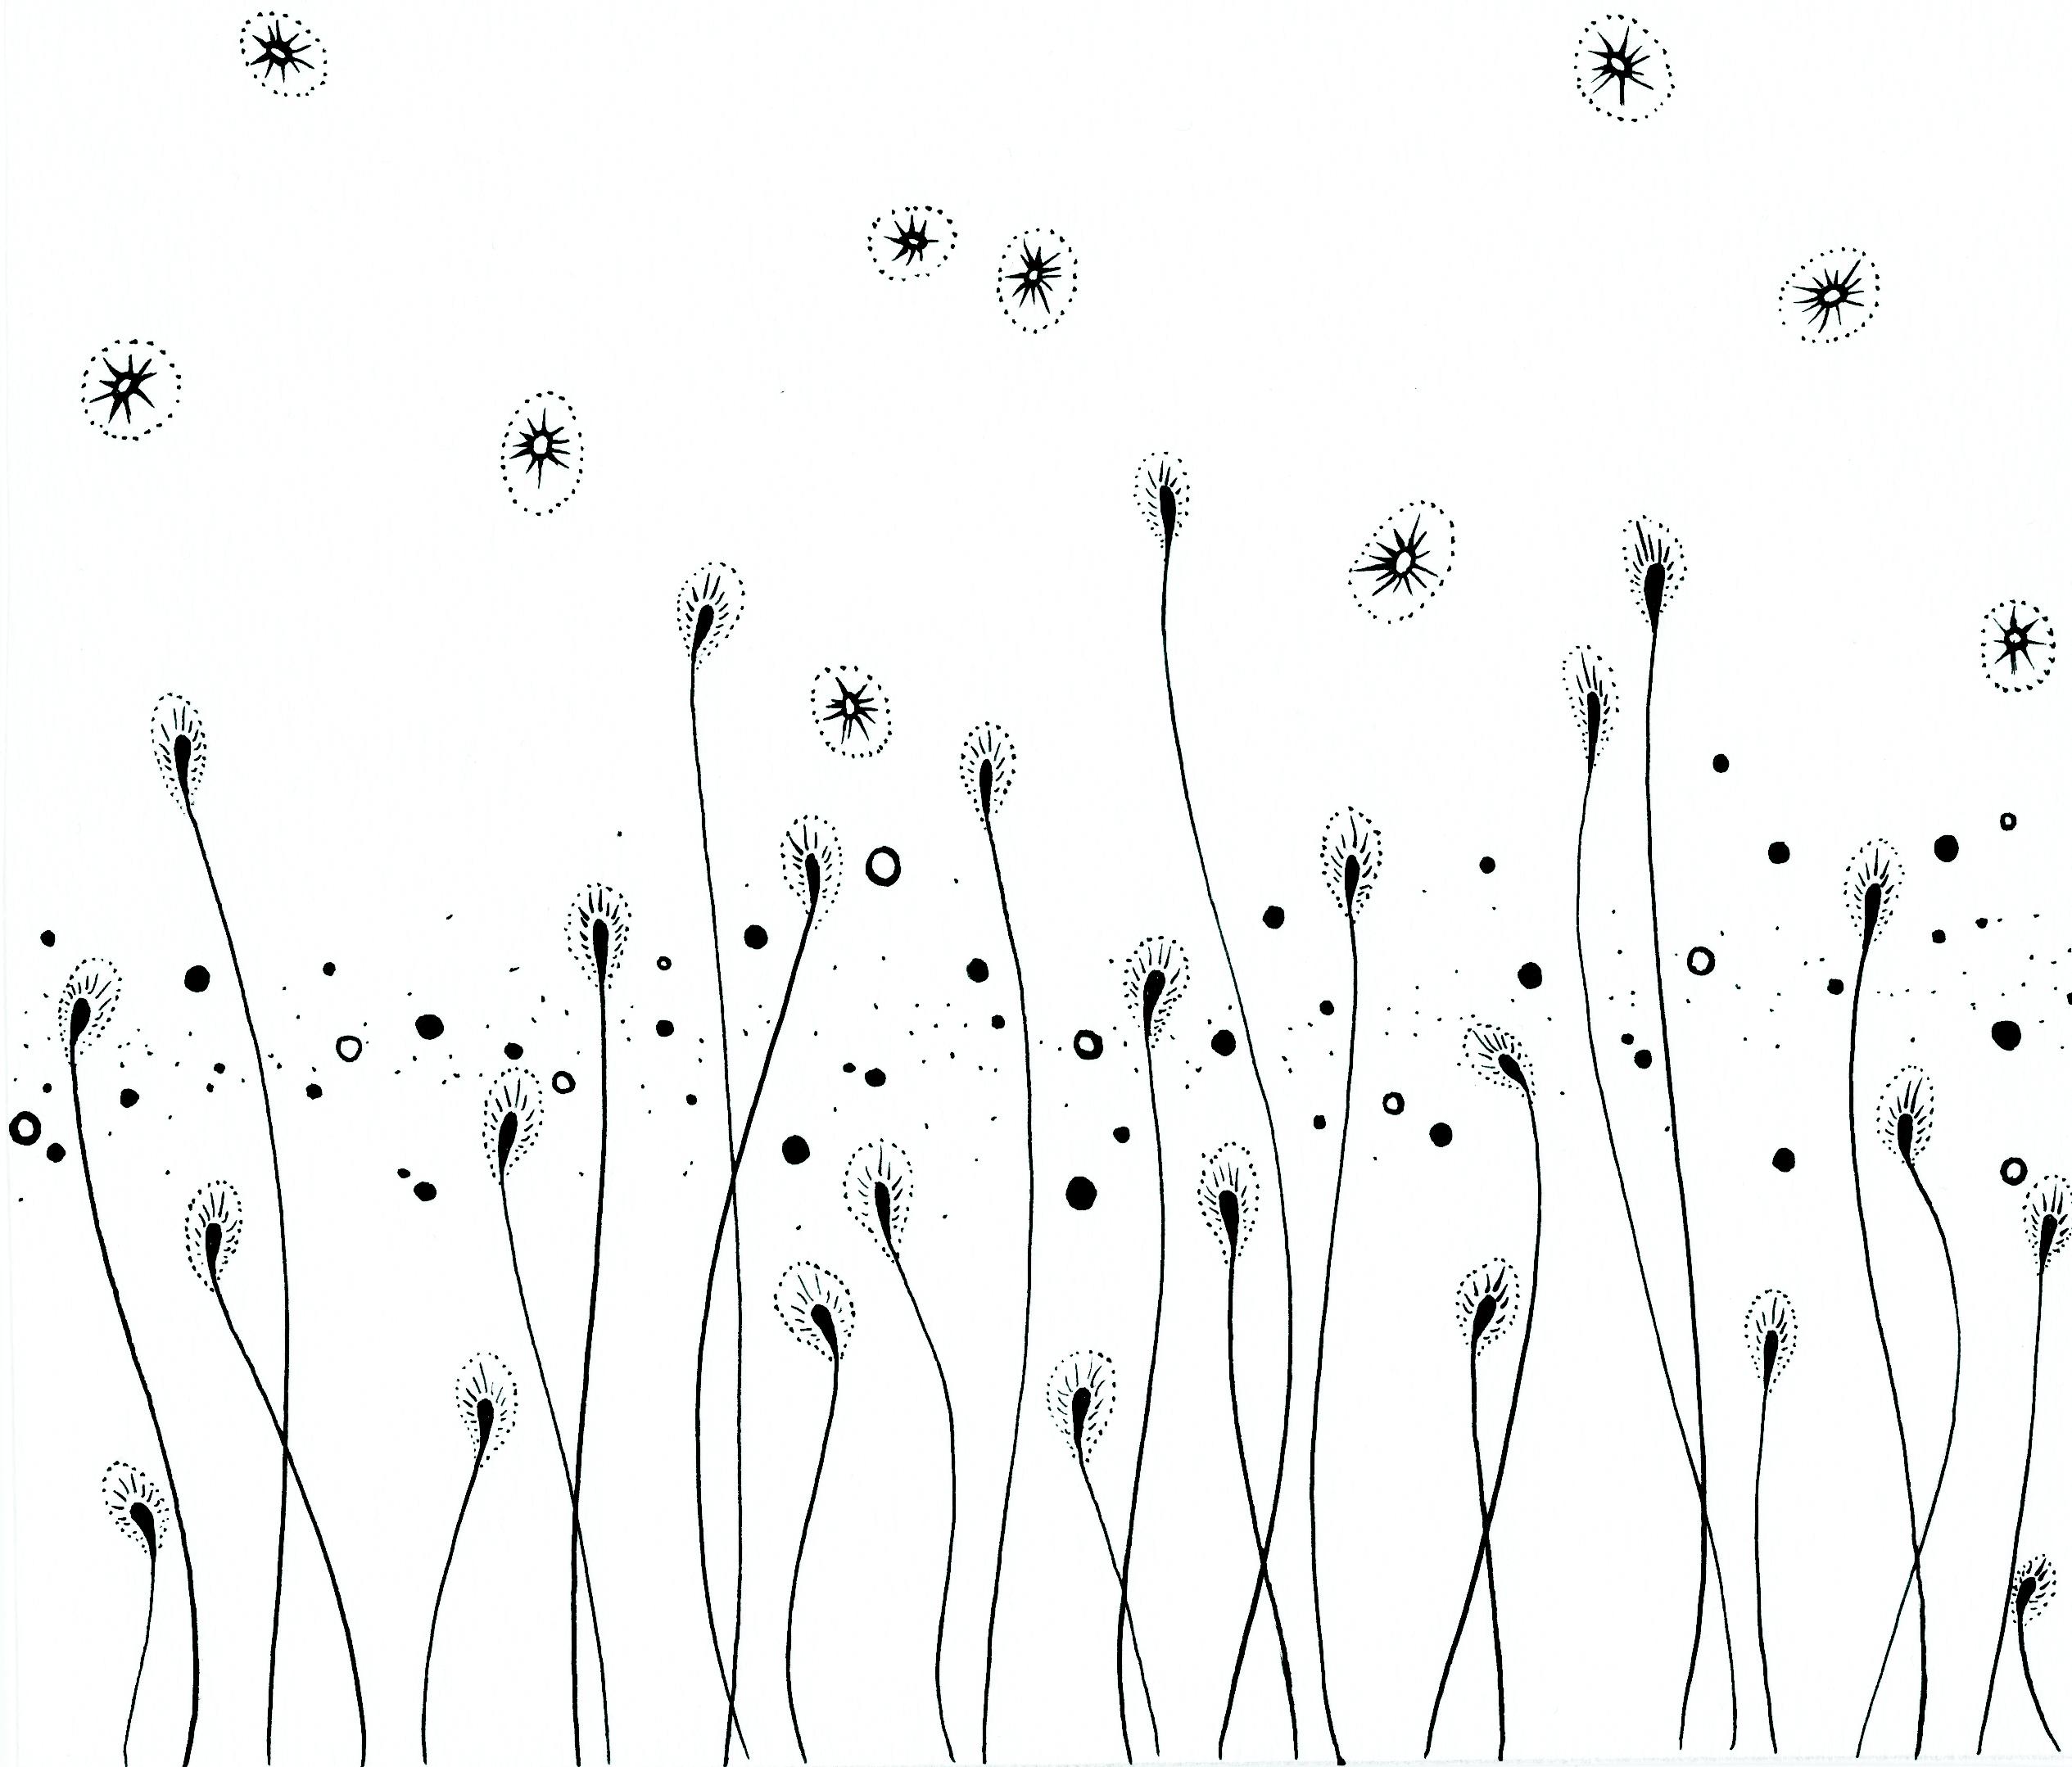 Elisa viotto semi di fiori elisa viotto for Semi di fiori